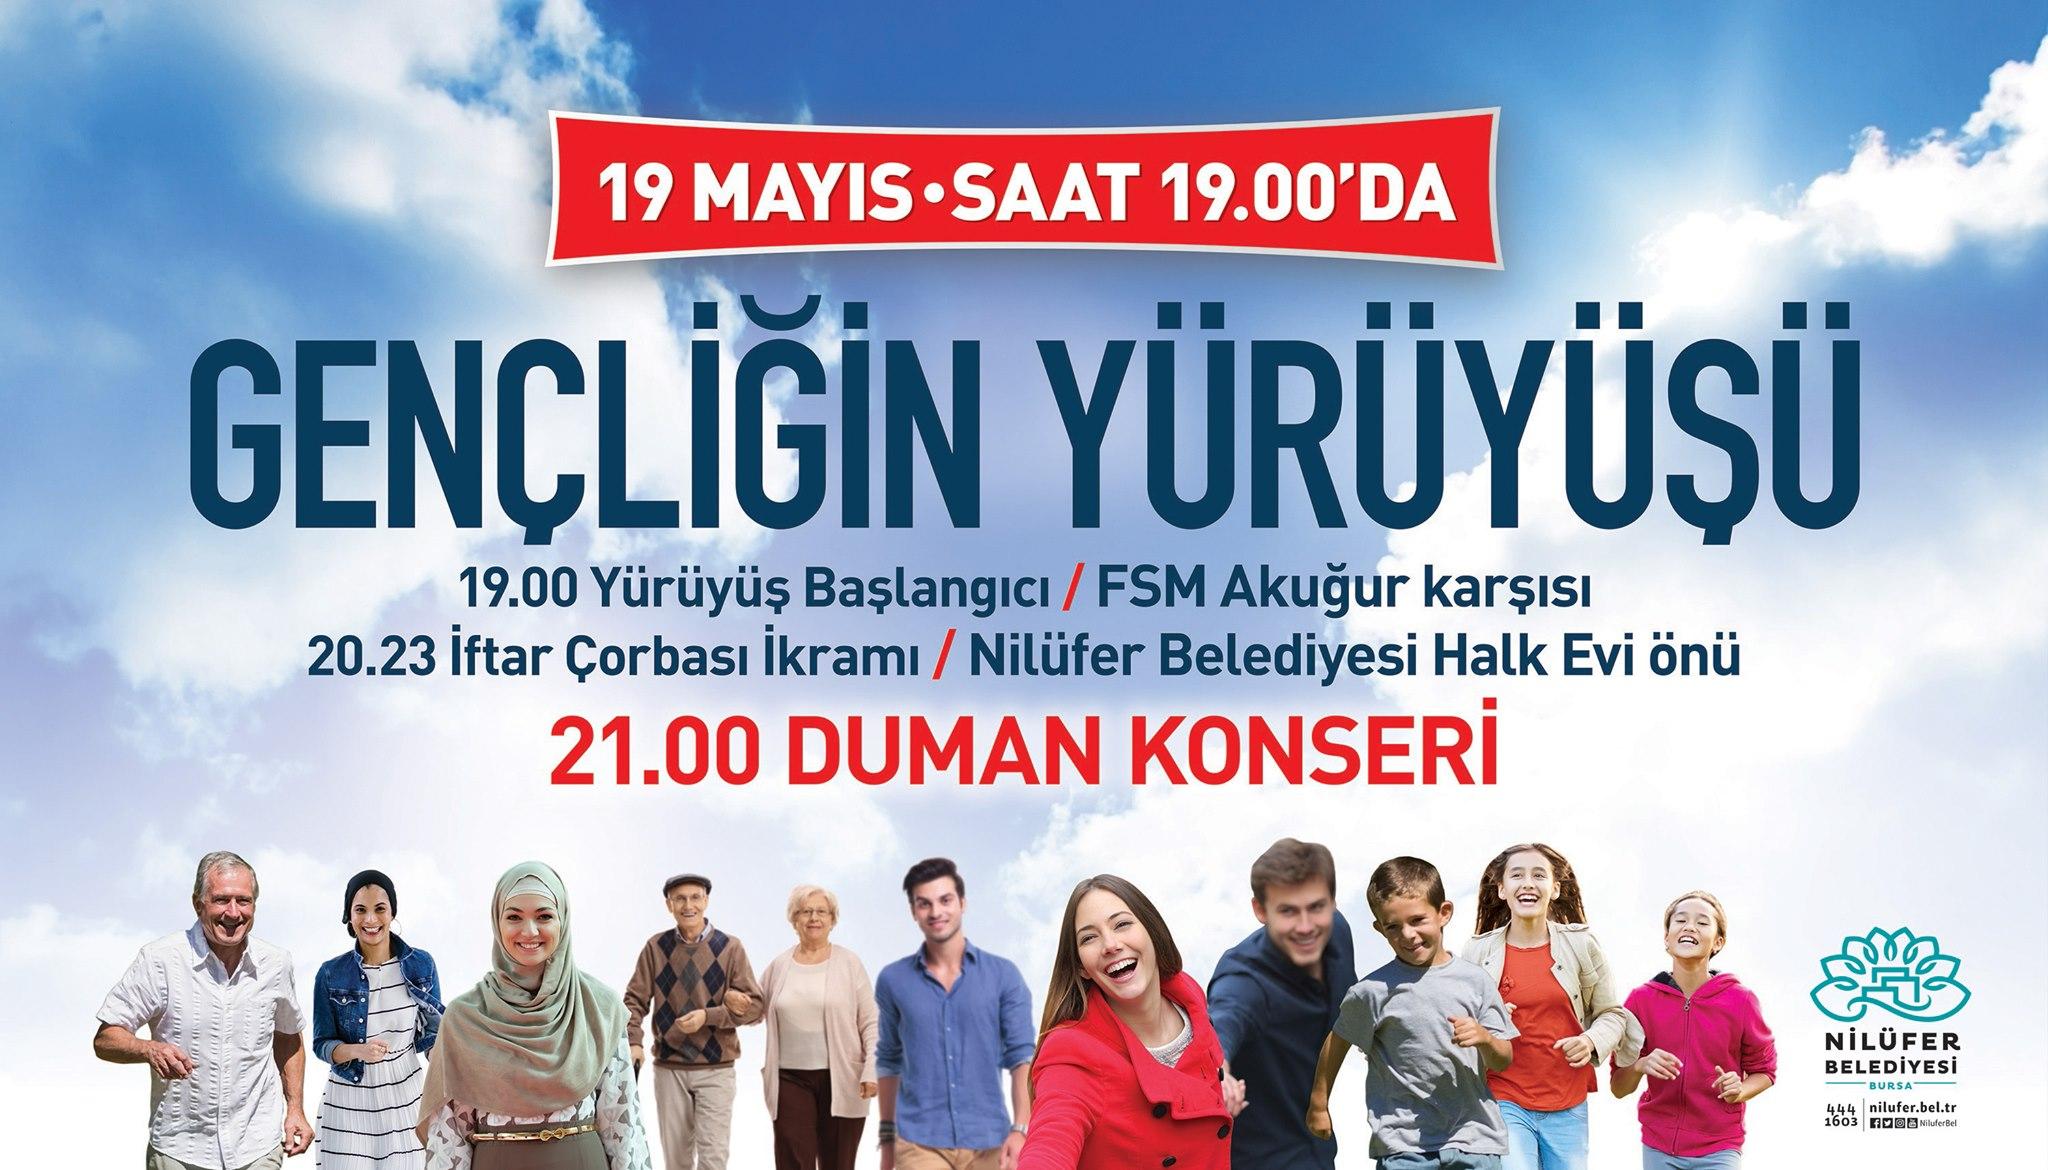 19 Mayıs Gençliğin Yürüyüşü ve Duman Konseri